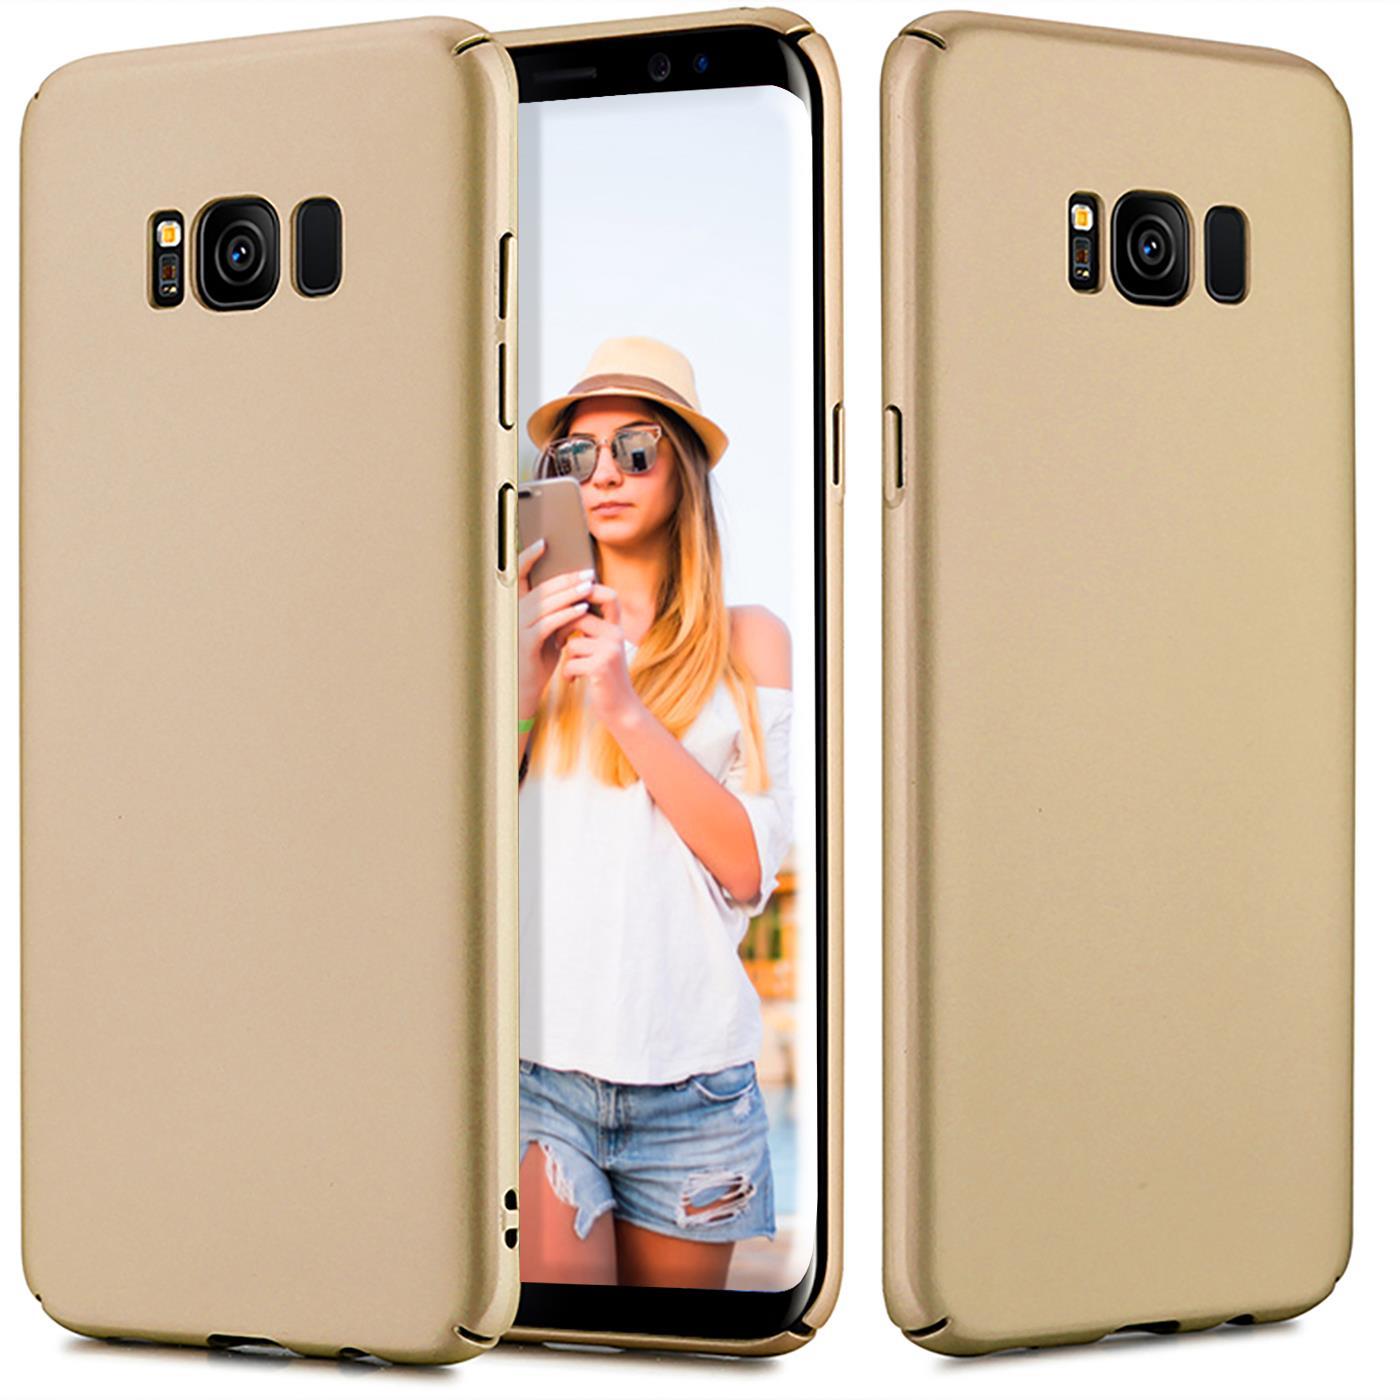 Handy-Case-Samsung-Galaxy-Huelle-Hardcase-Schutz-Cover-Slim-Tasche-Handyhuelle Indexbild 13